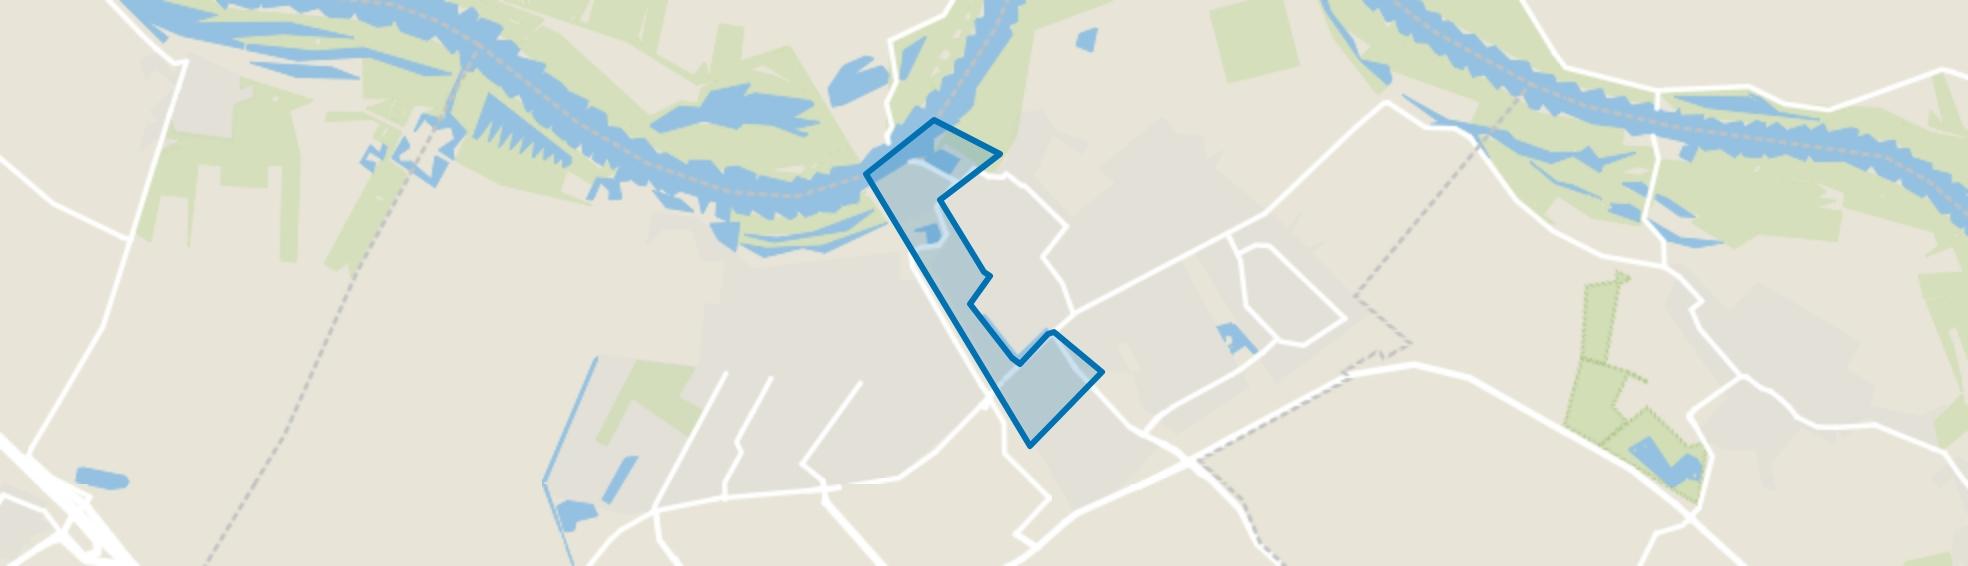 Oude Buitenwijken, Culemborg map